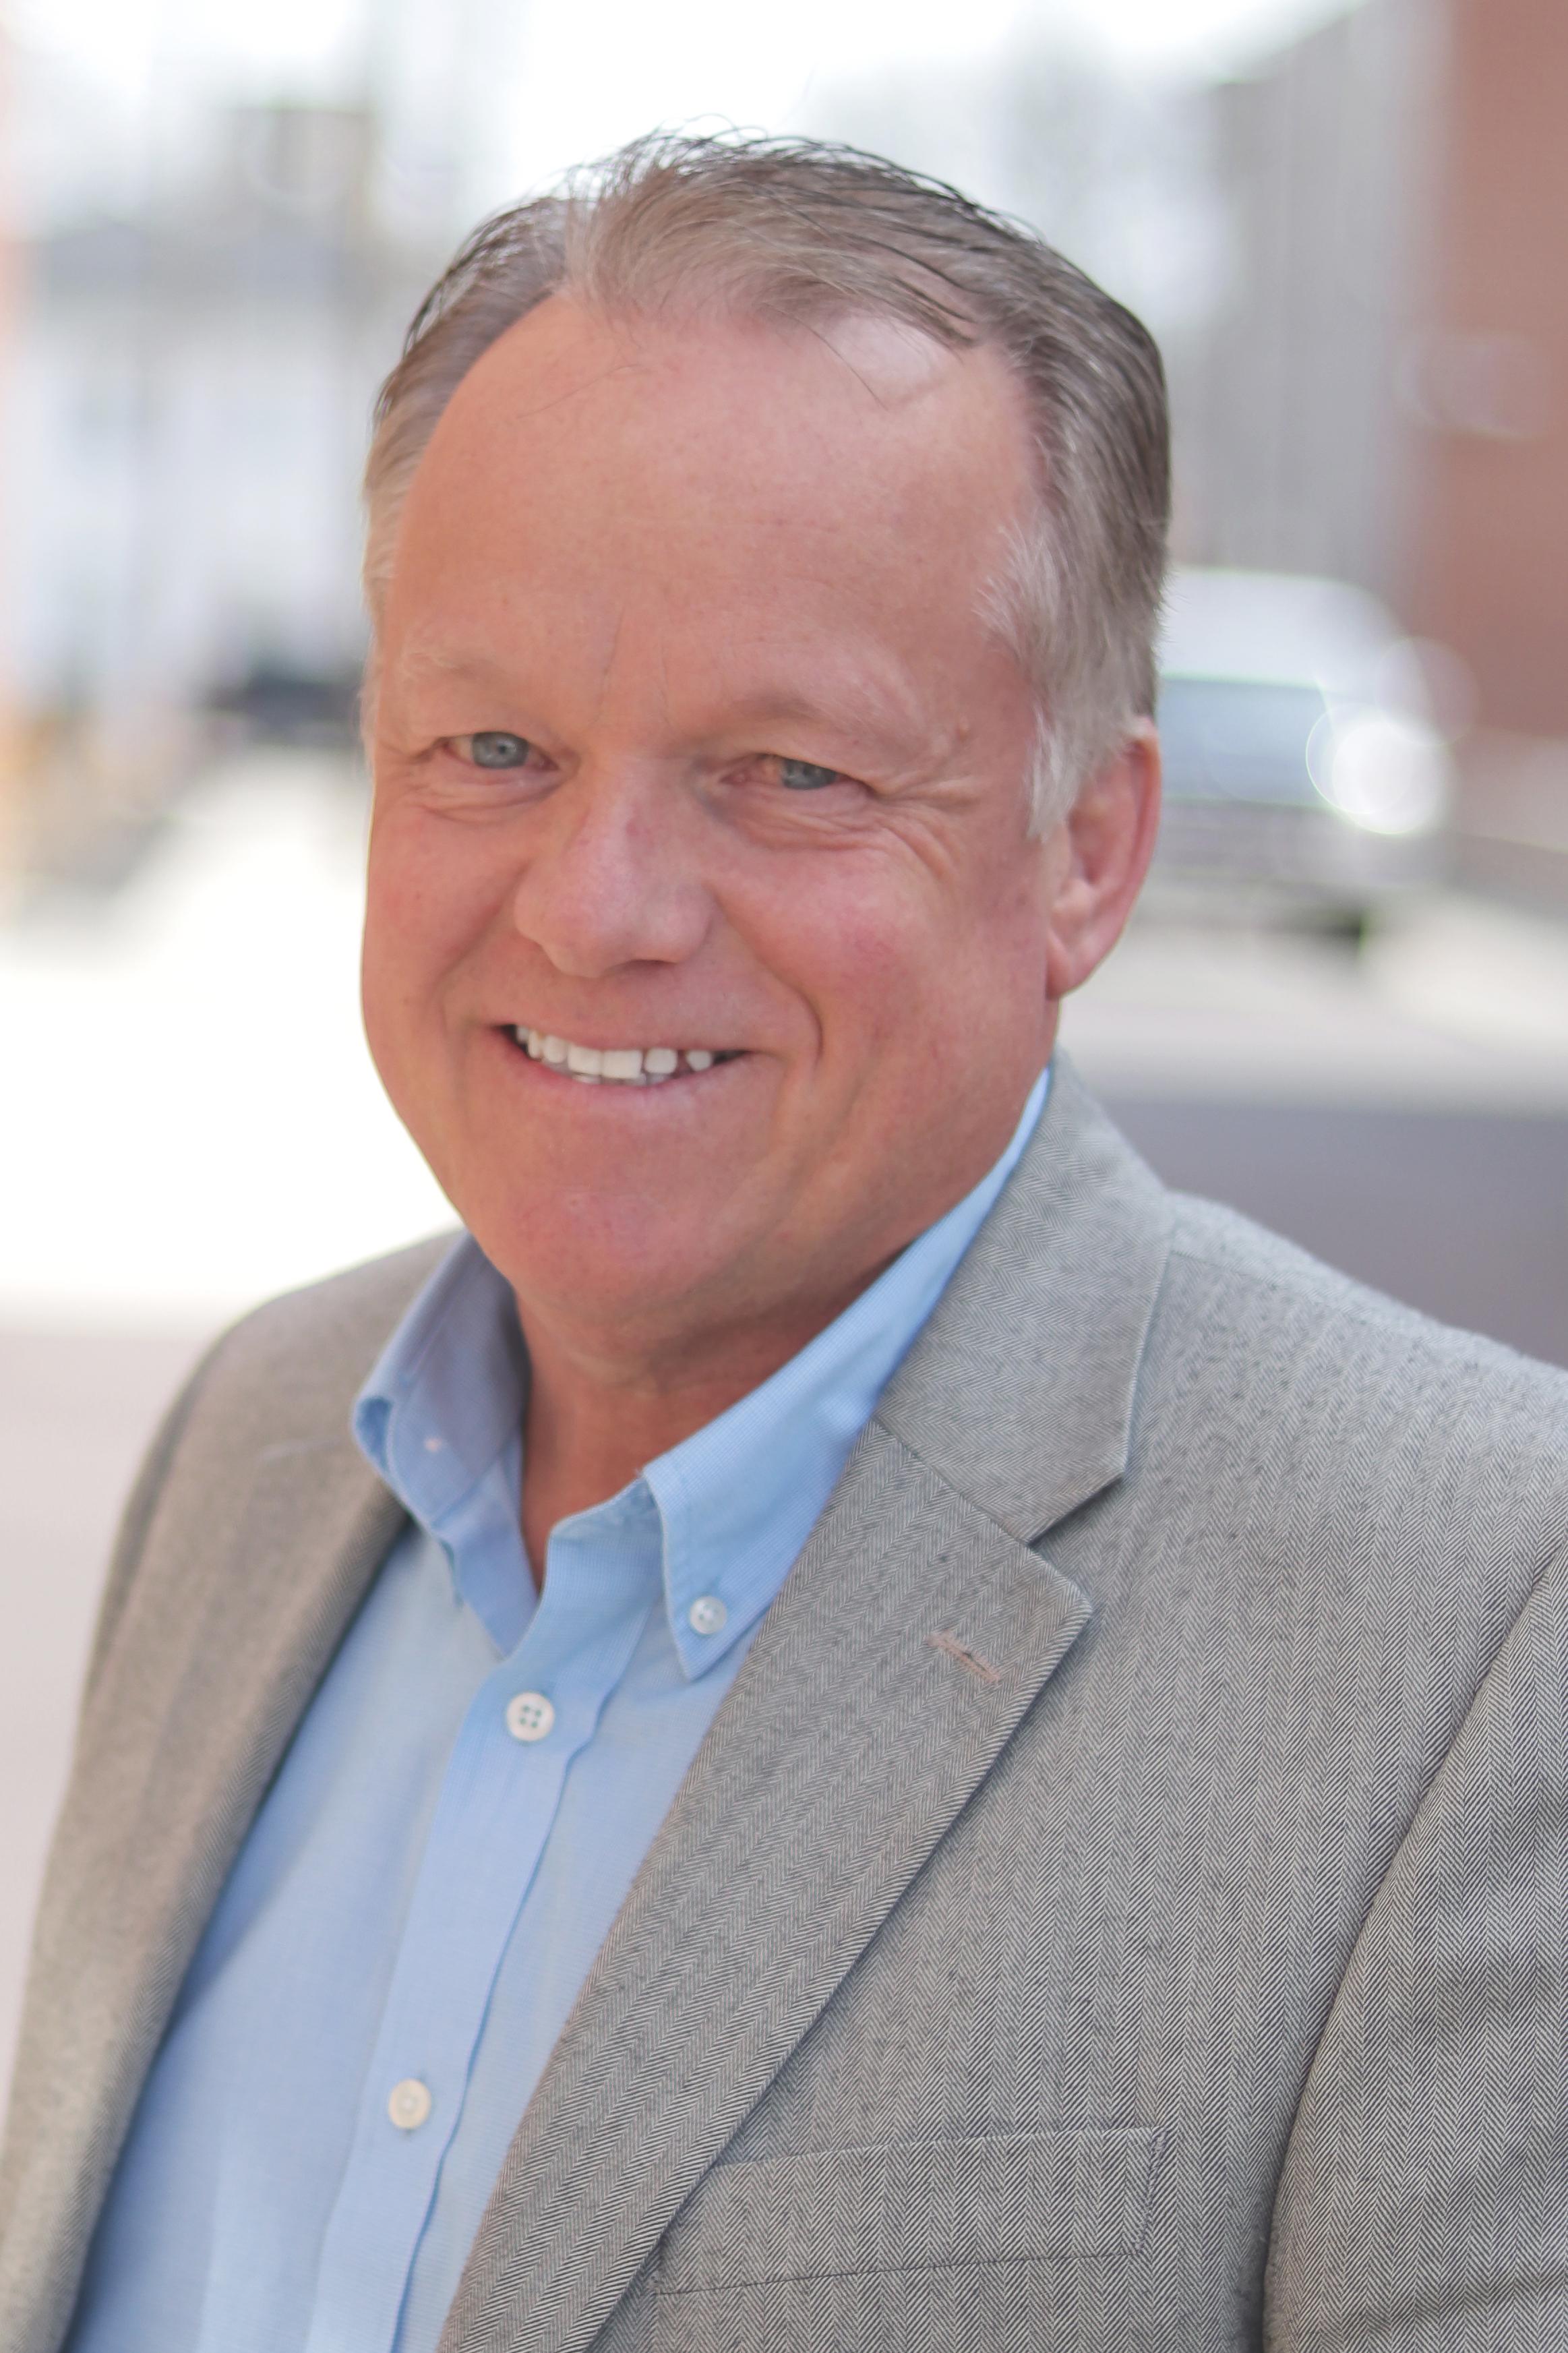 Mark Schlater